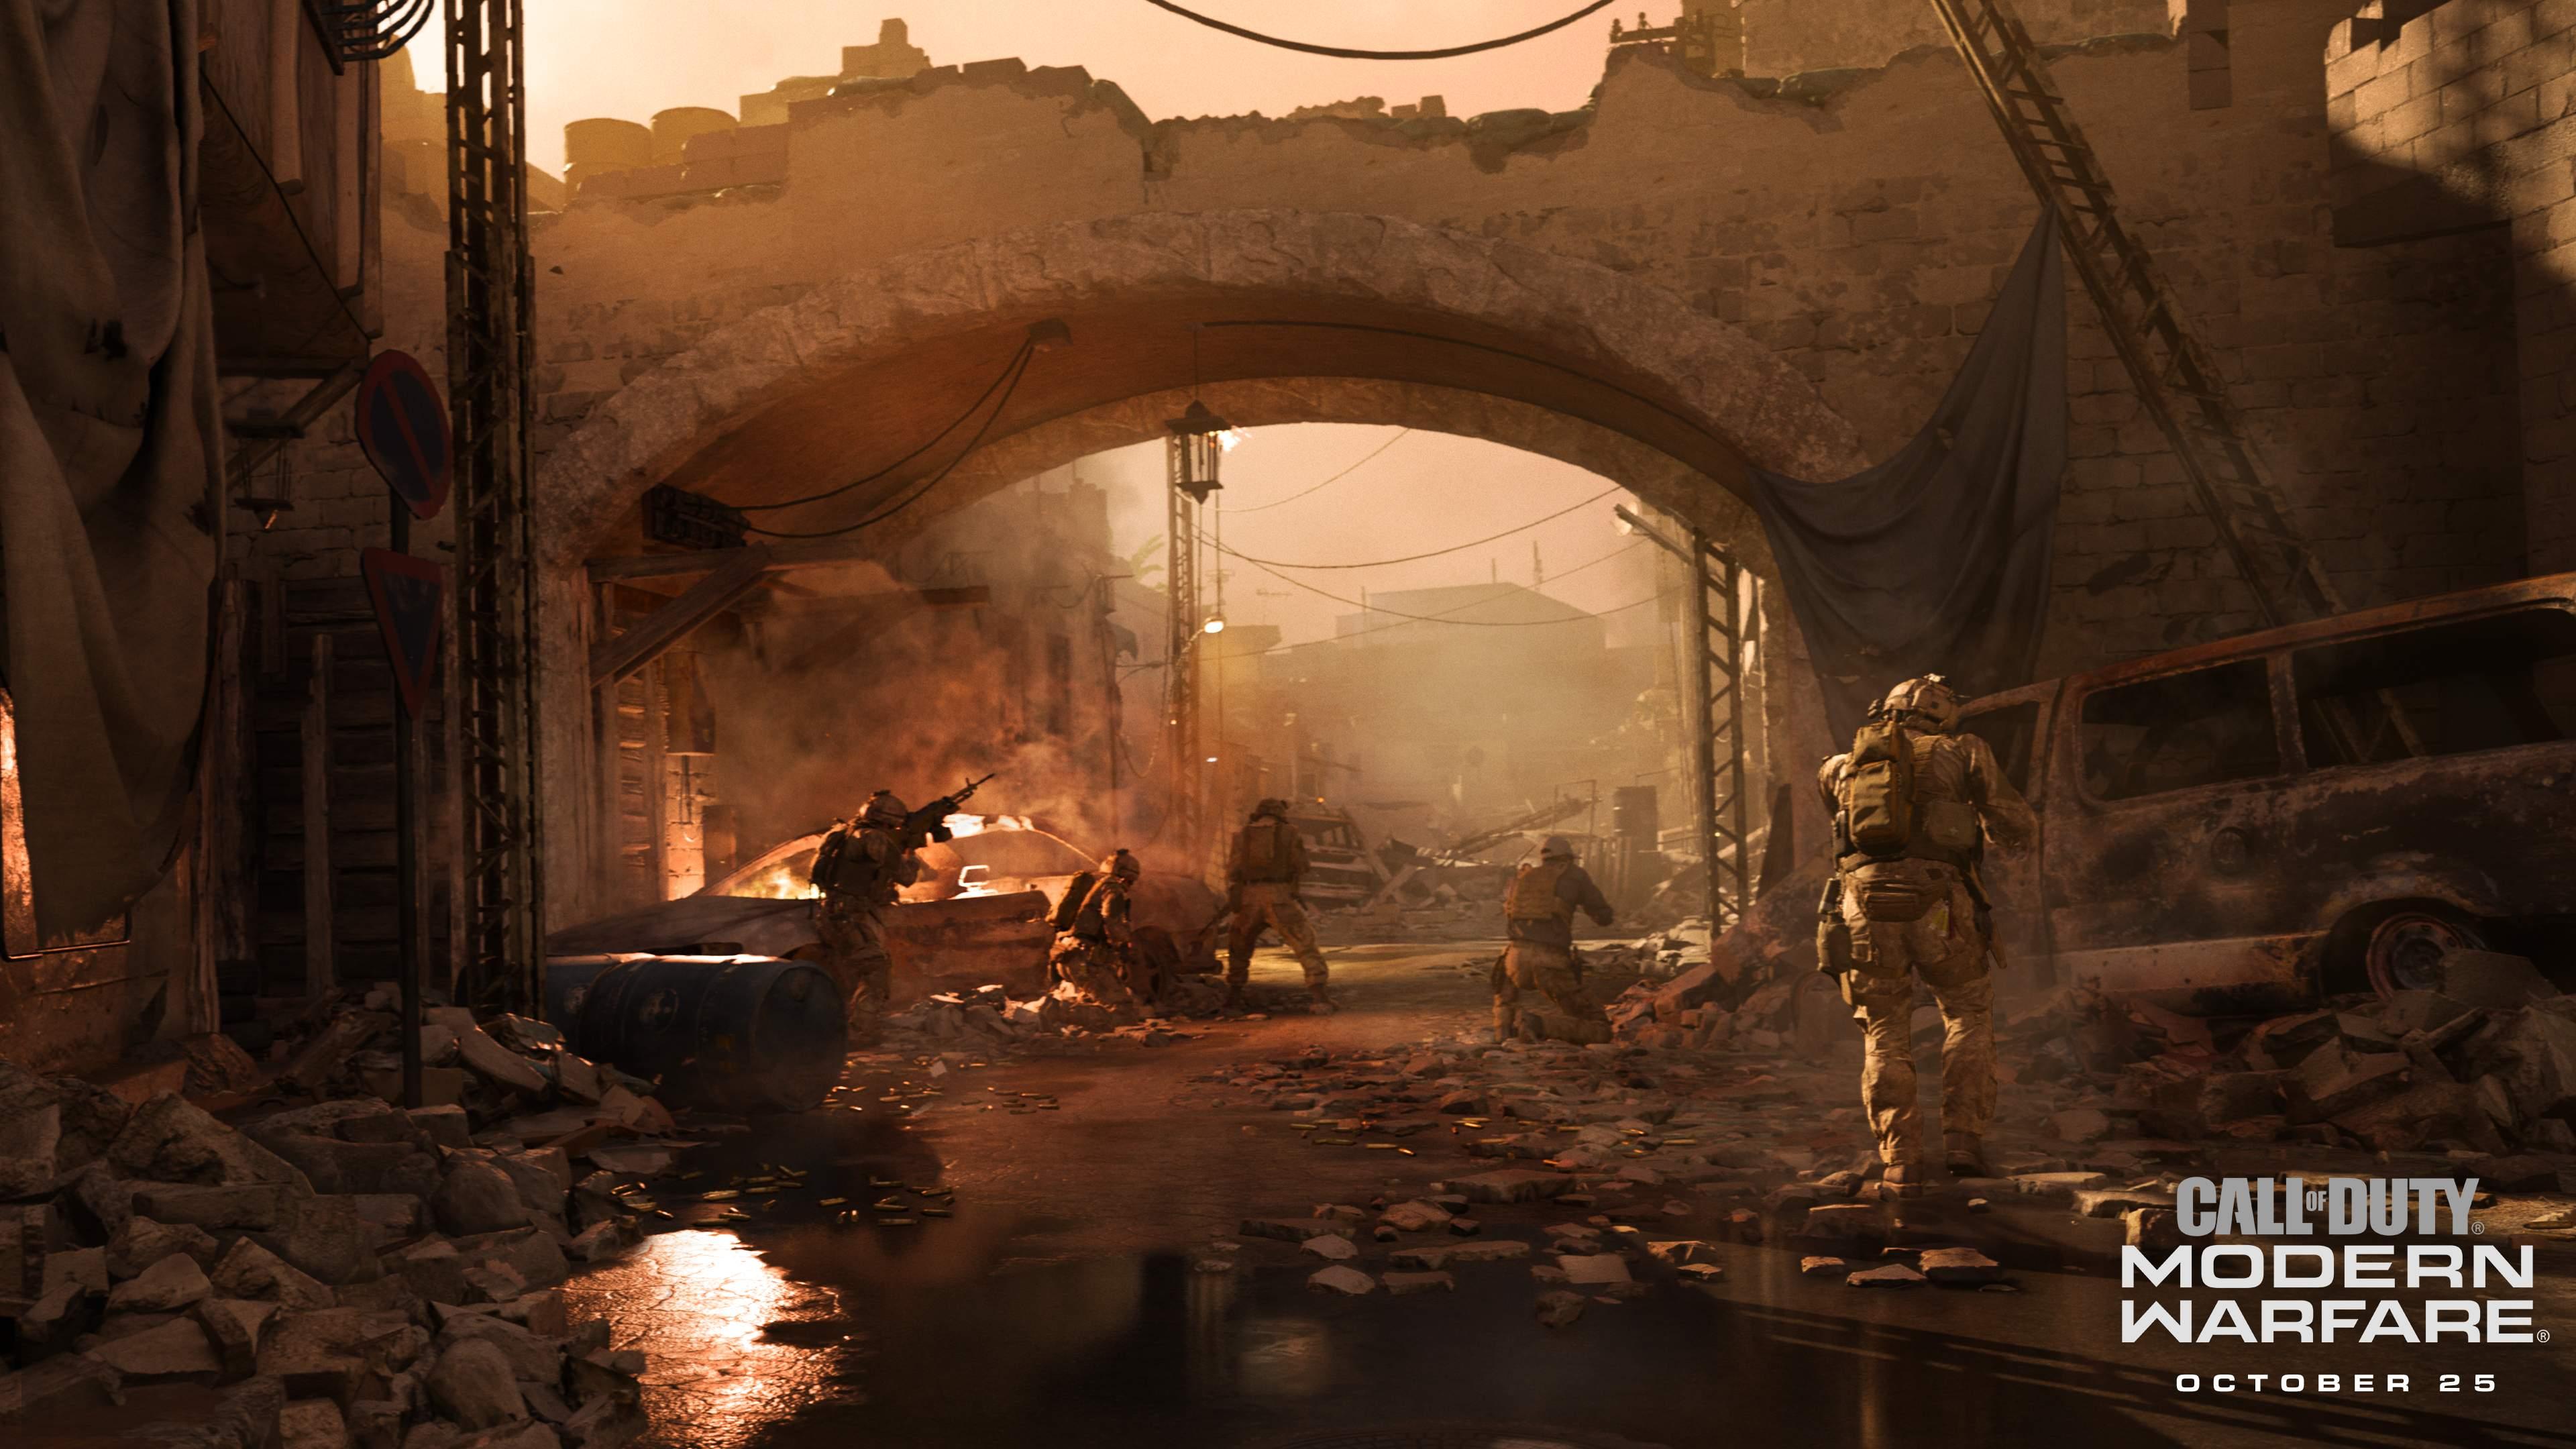 MW Reveal 02 wm Call of Duty; Modern Warfare stiže 25. oktobra!